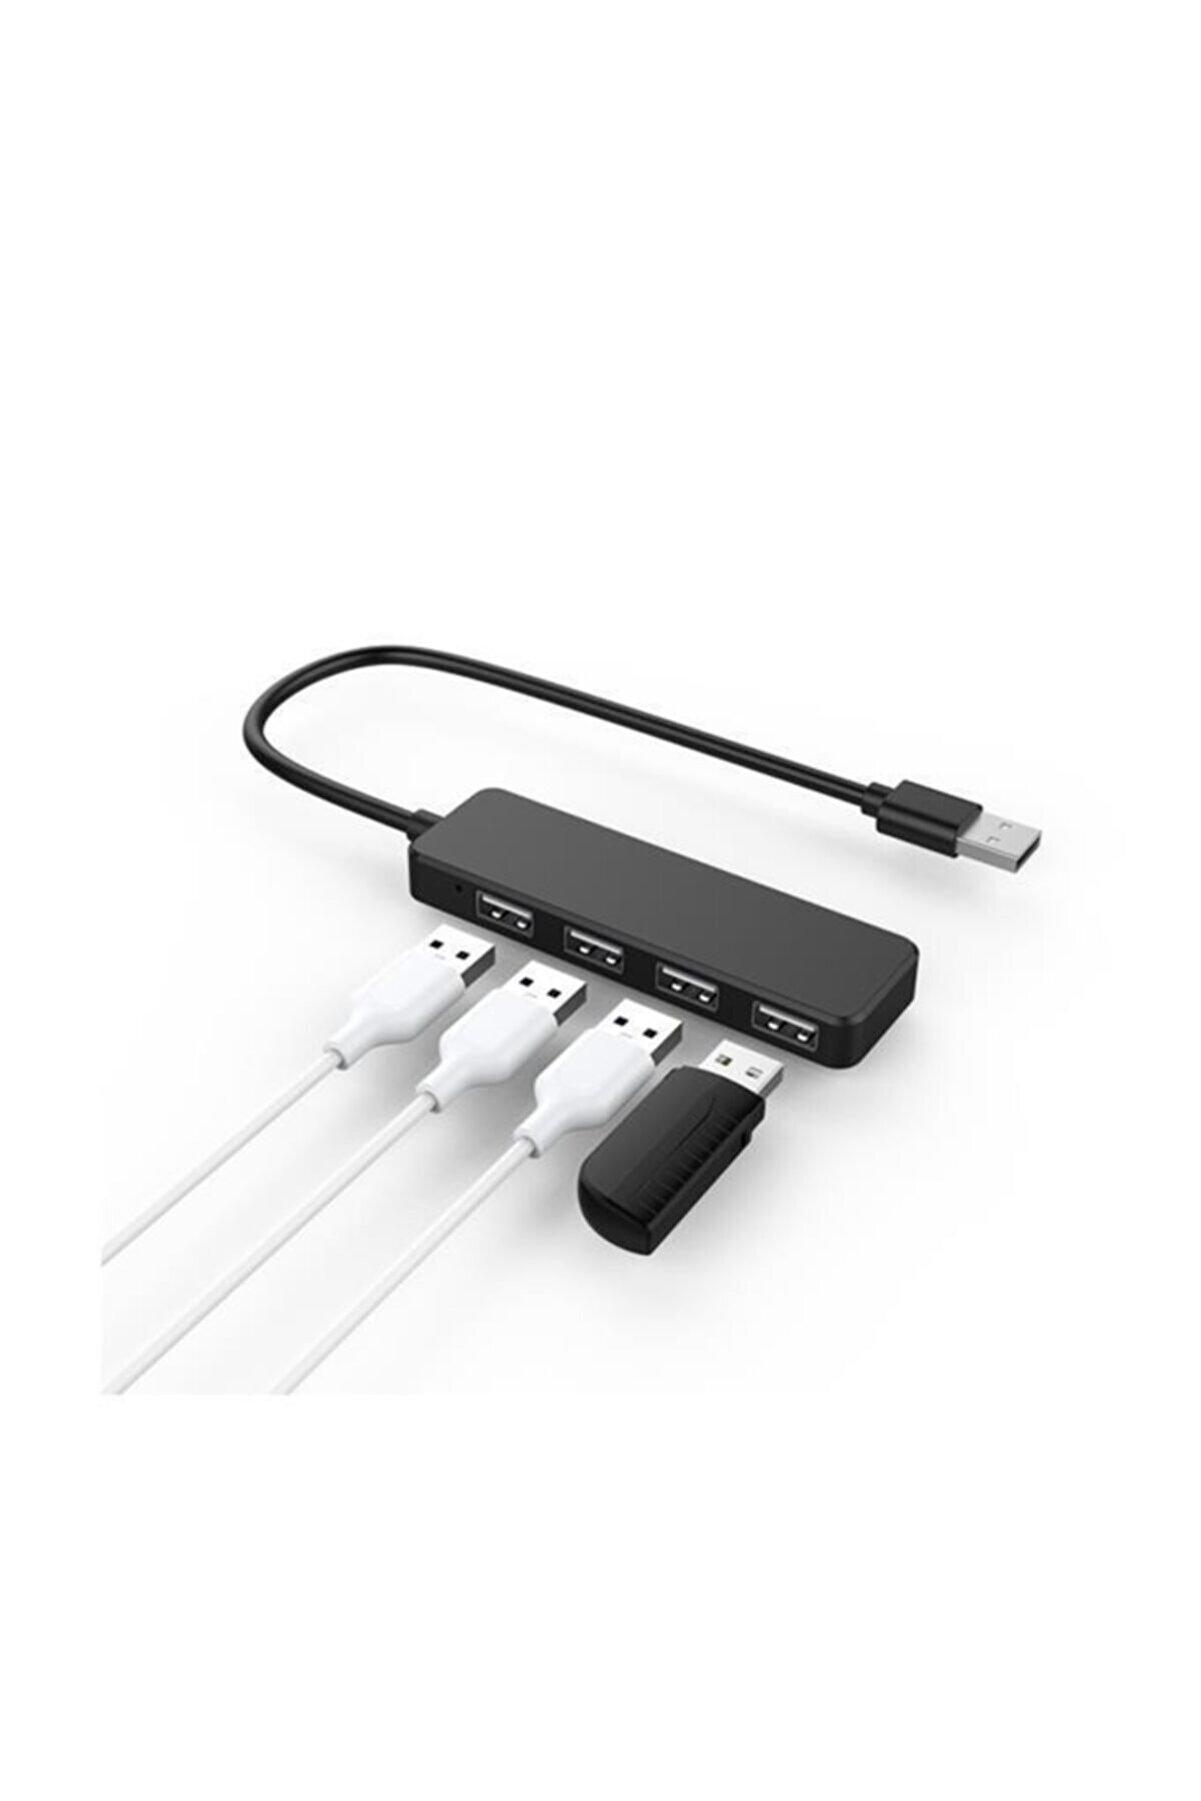 imax 4 Port Usb 2.0 Hub Çoklayıcı Çoğaltıcı Çoklama Switch Splitter Ultra Slim